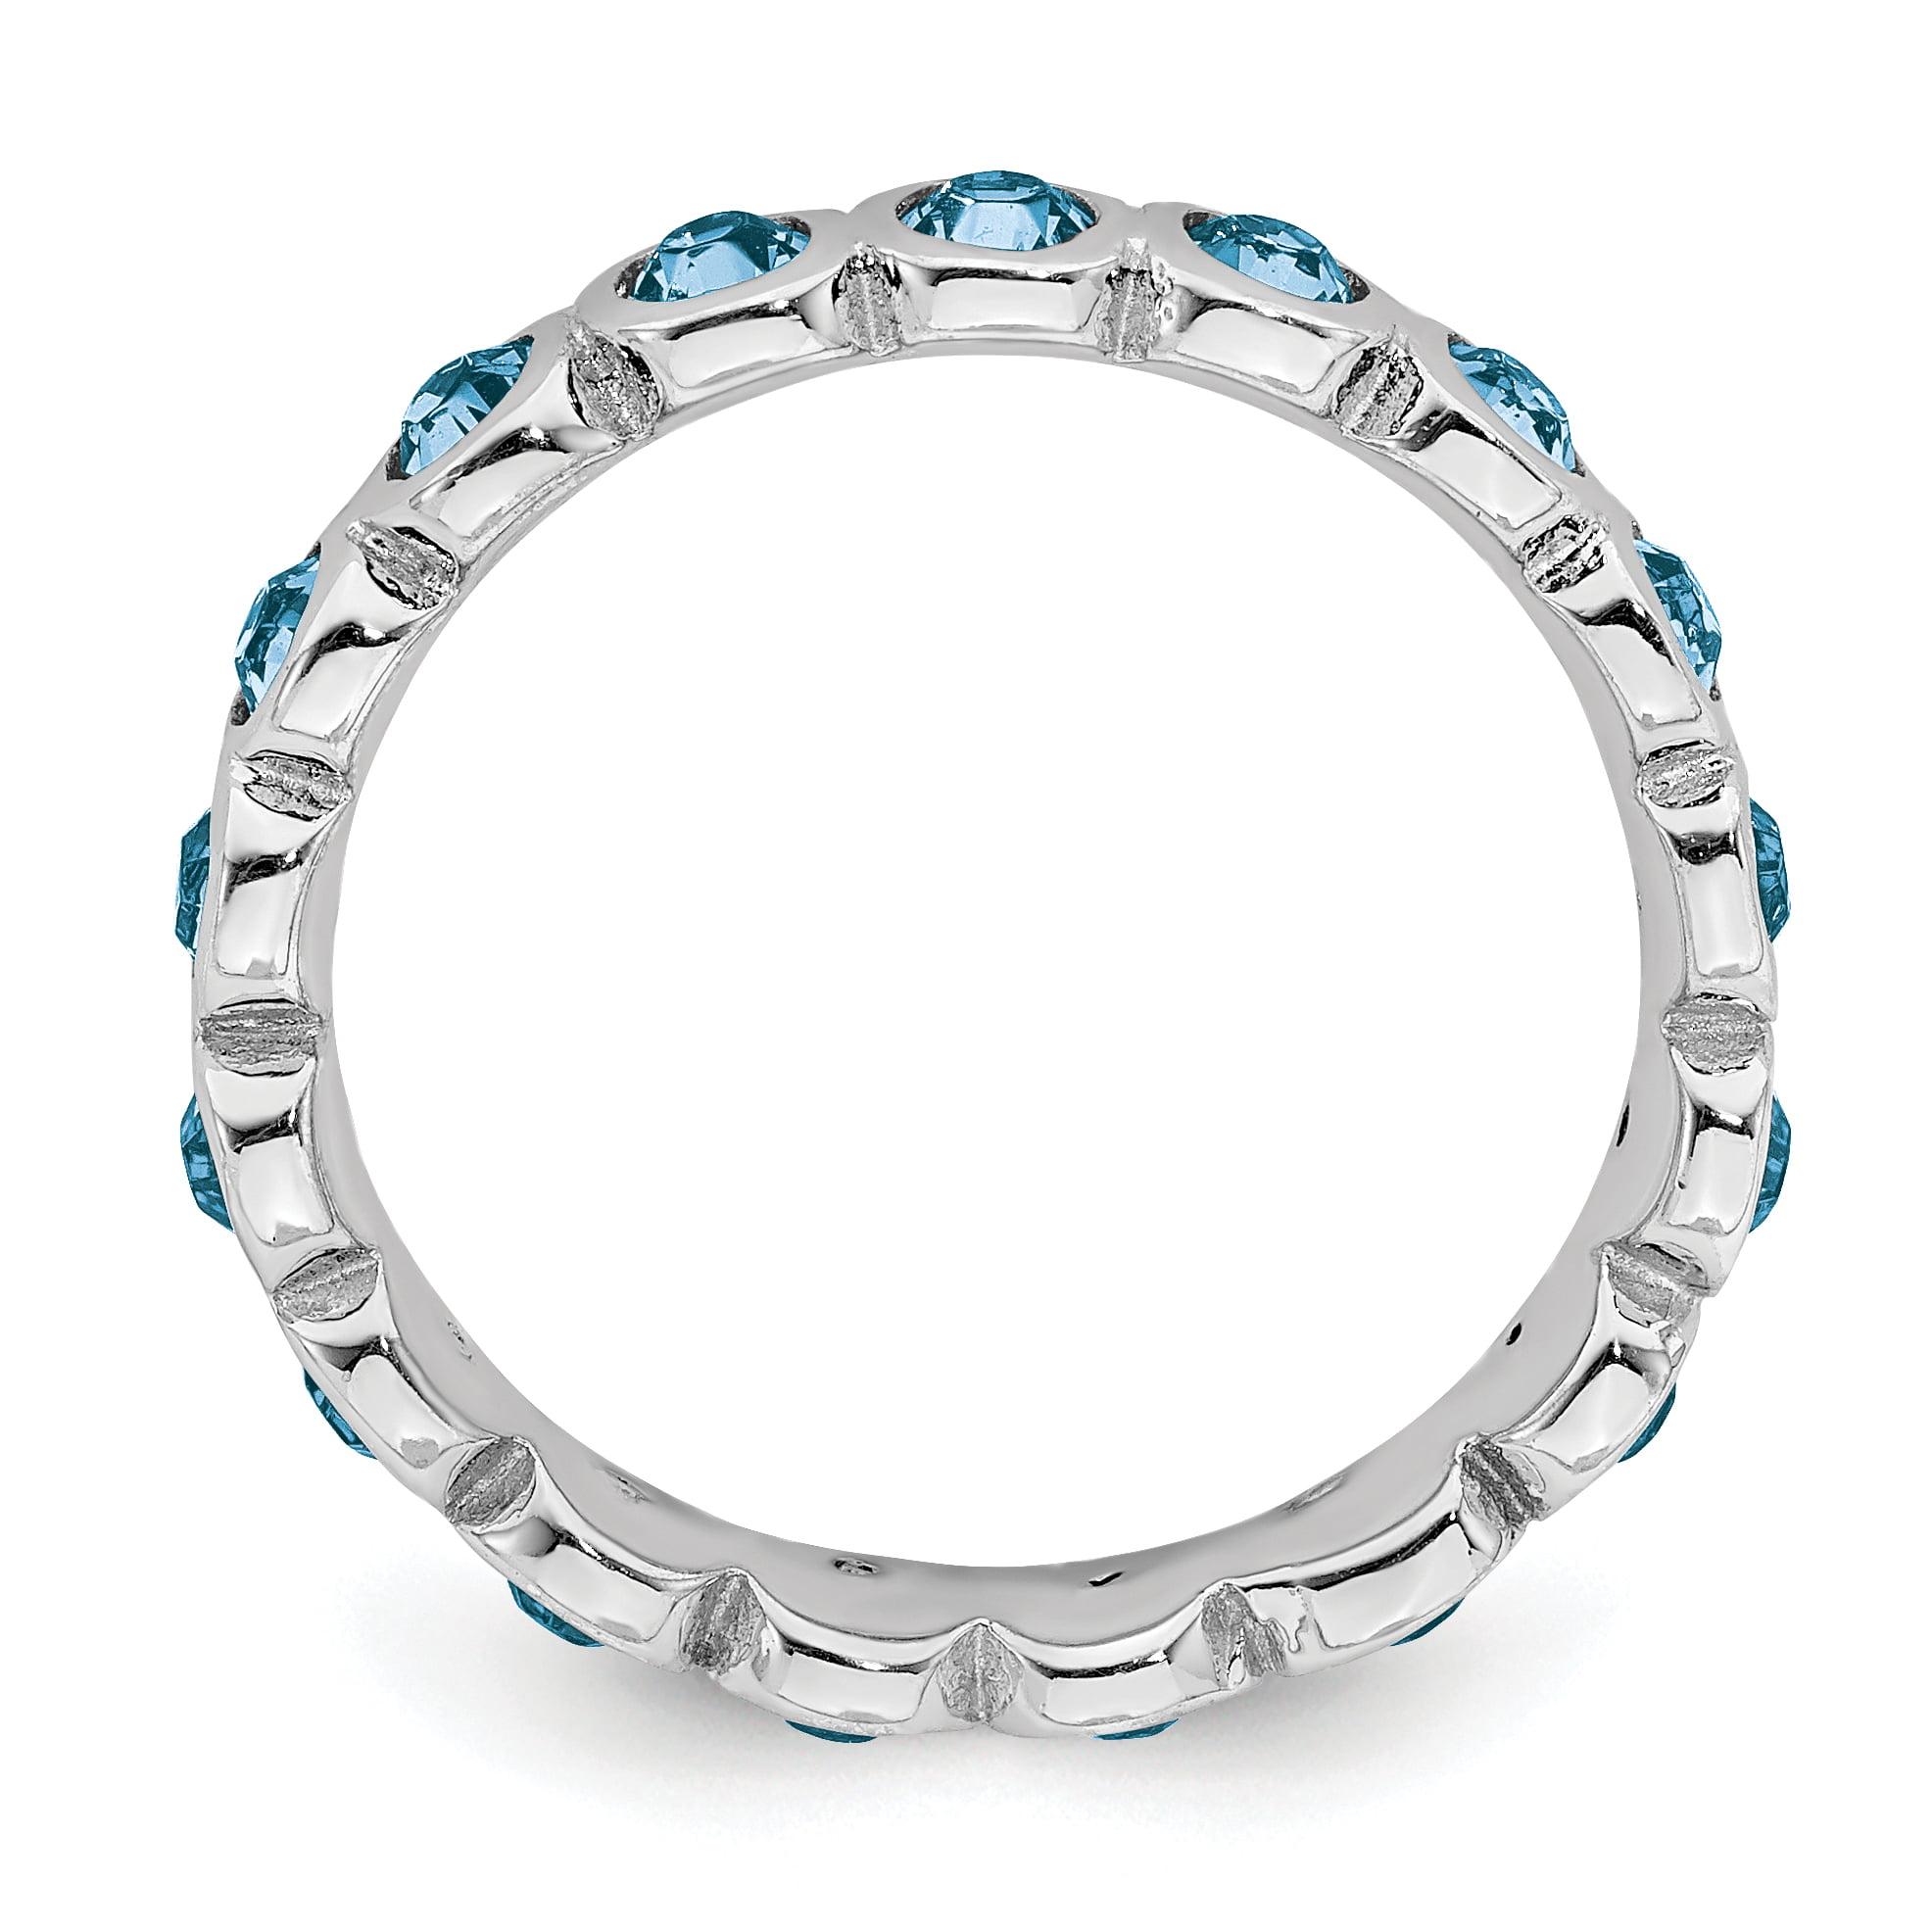 Sterling Silver Stackable Expressions December Swarovski Ring Size 7 - image 2 de 3